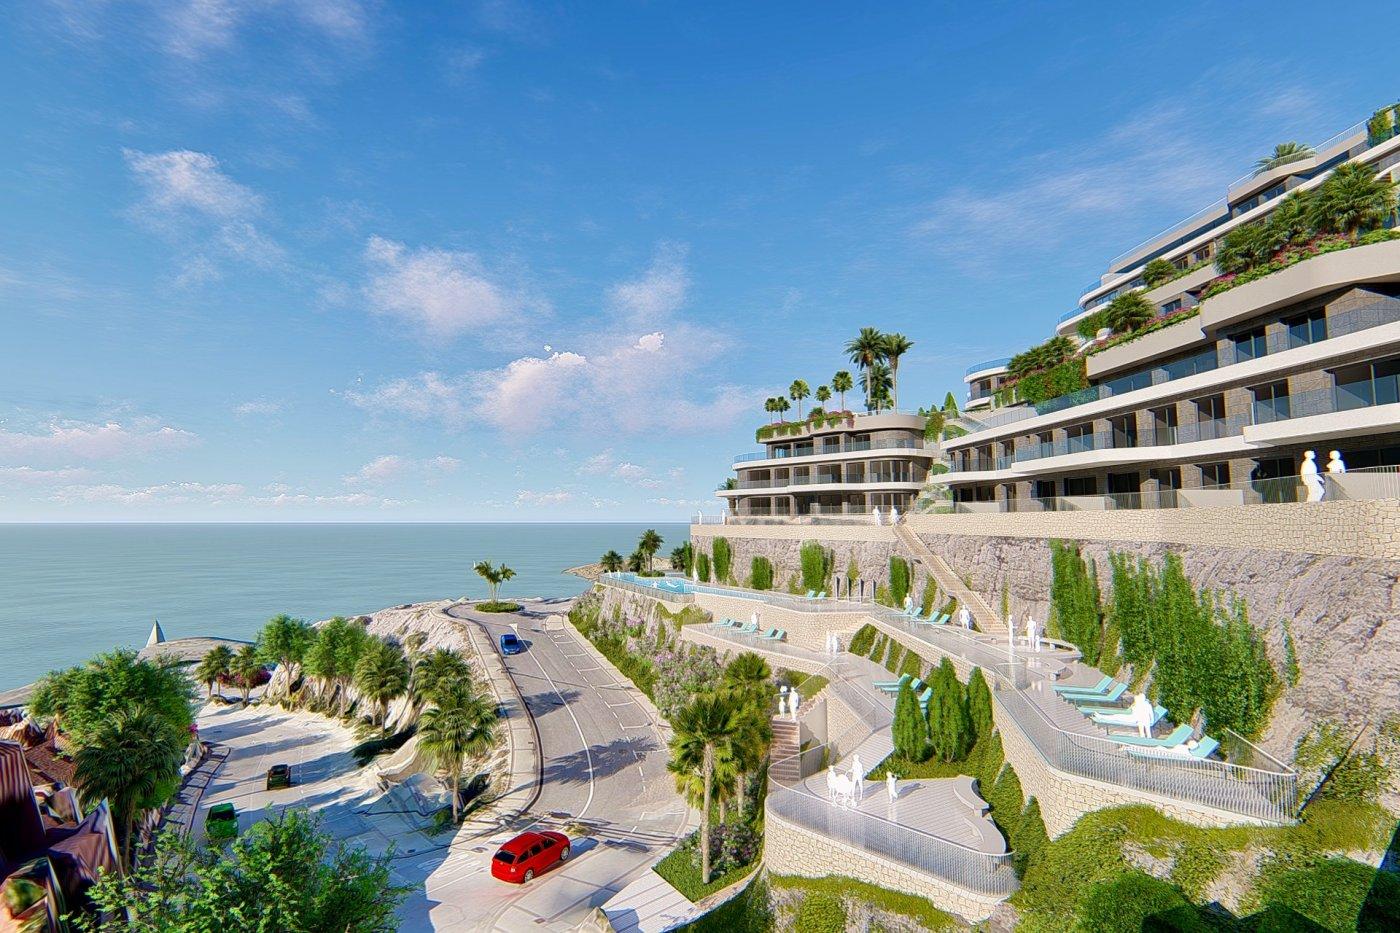 Galleribillede 4 of Uovertruffen panorama udsigt - 3 værelses luksus lejlighed med 2 badeværelser